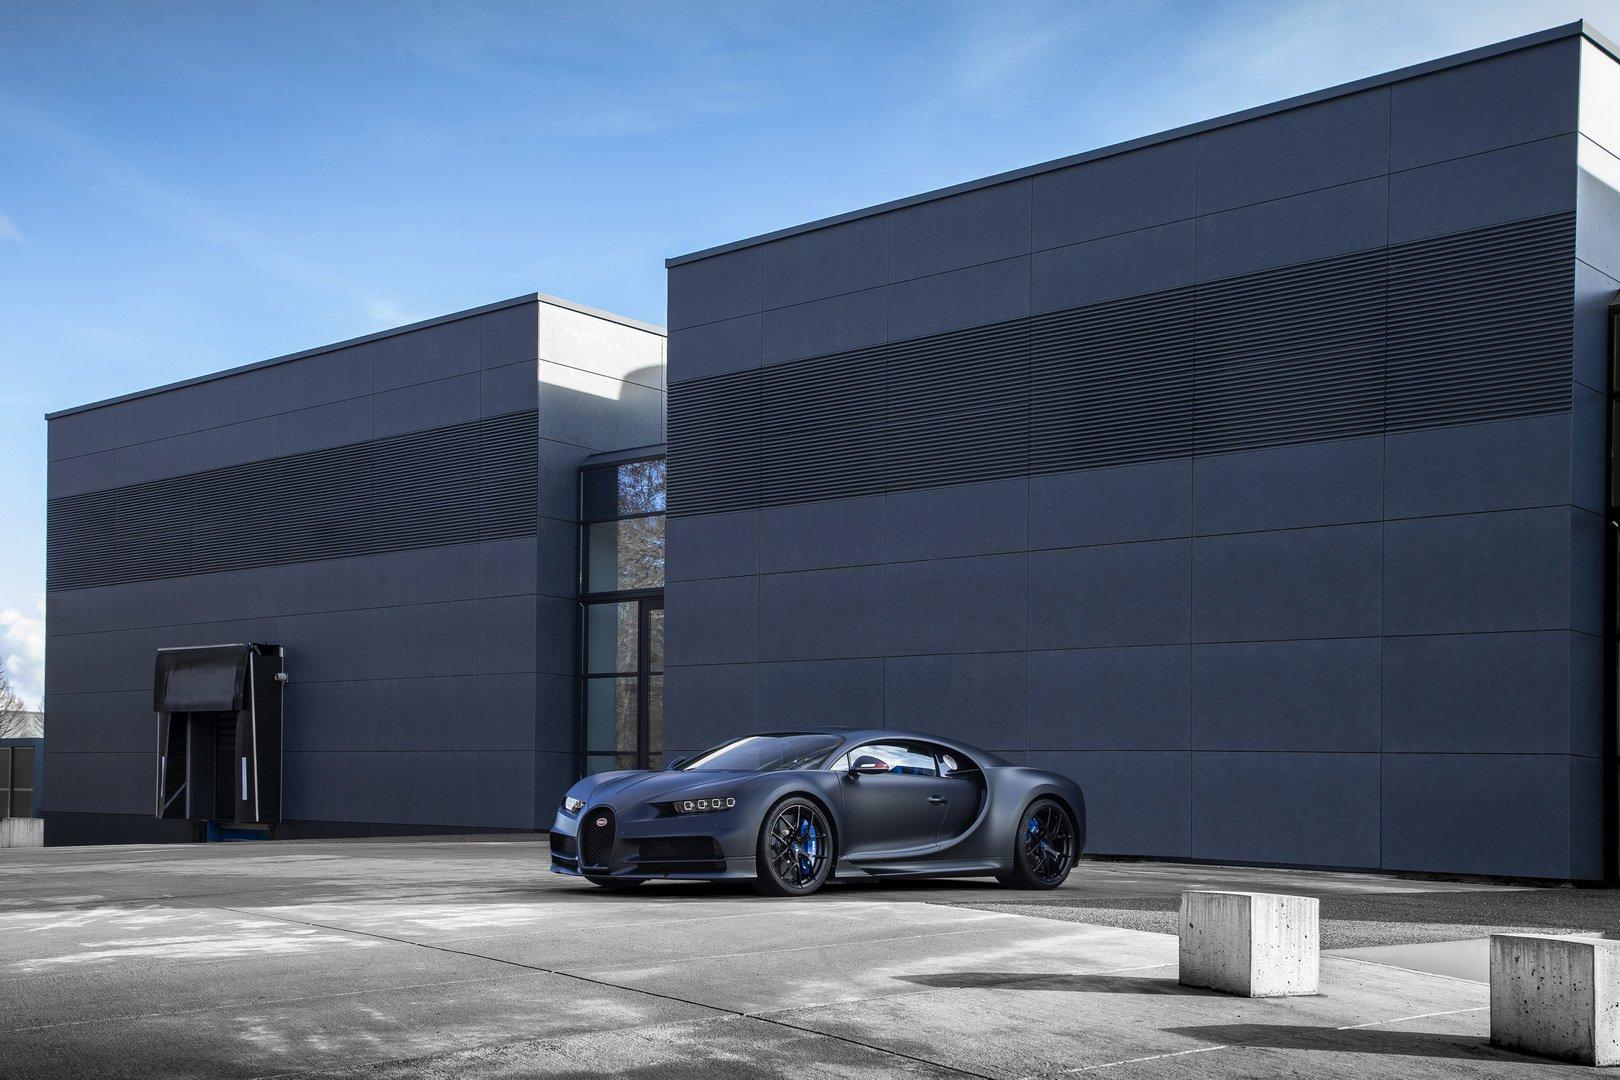 Bugatti_Chiron_Sport_110_Ans_0000